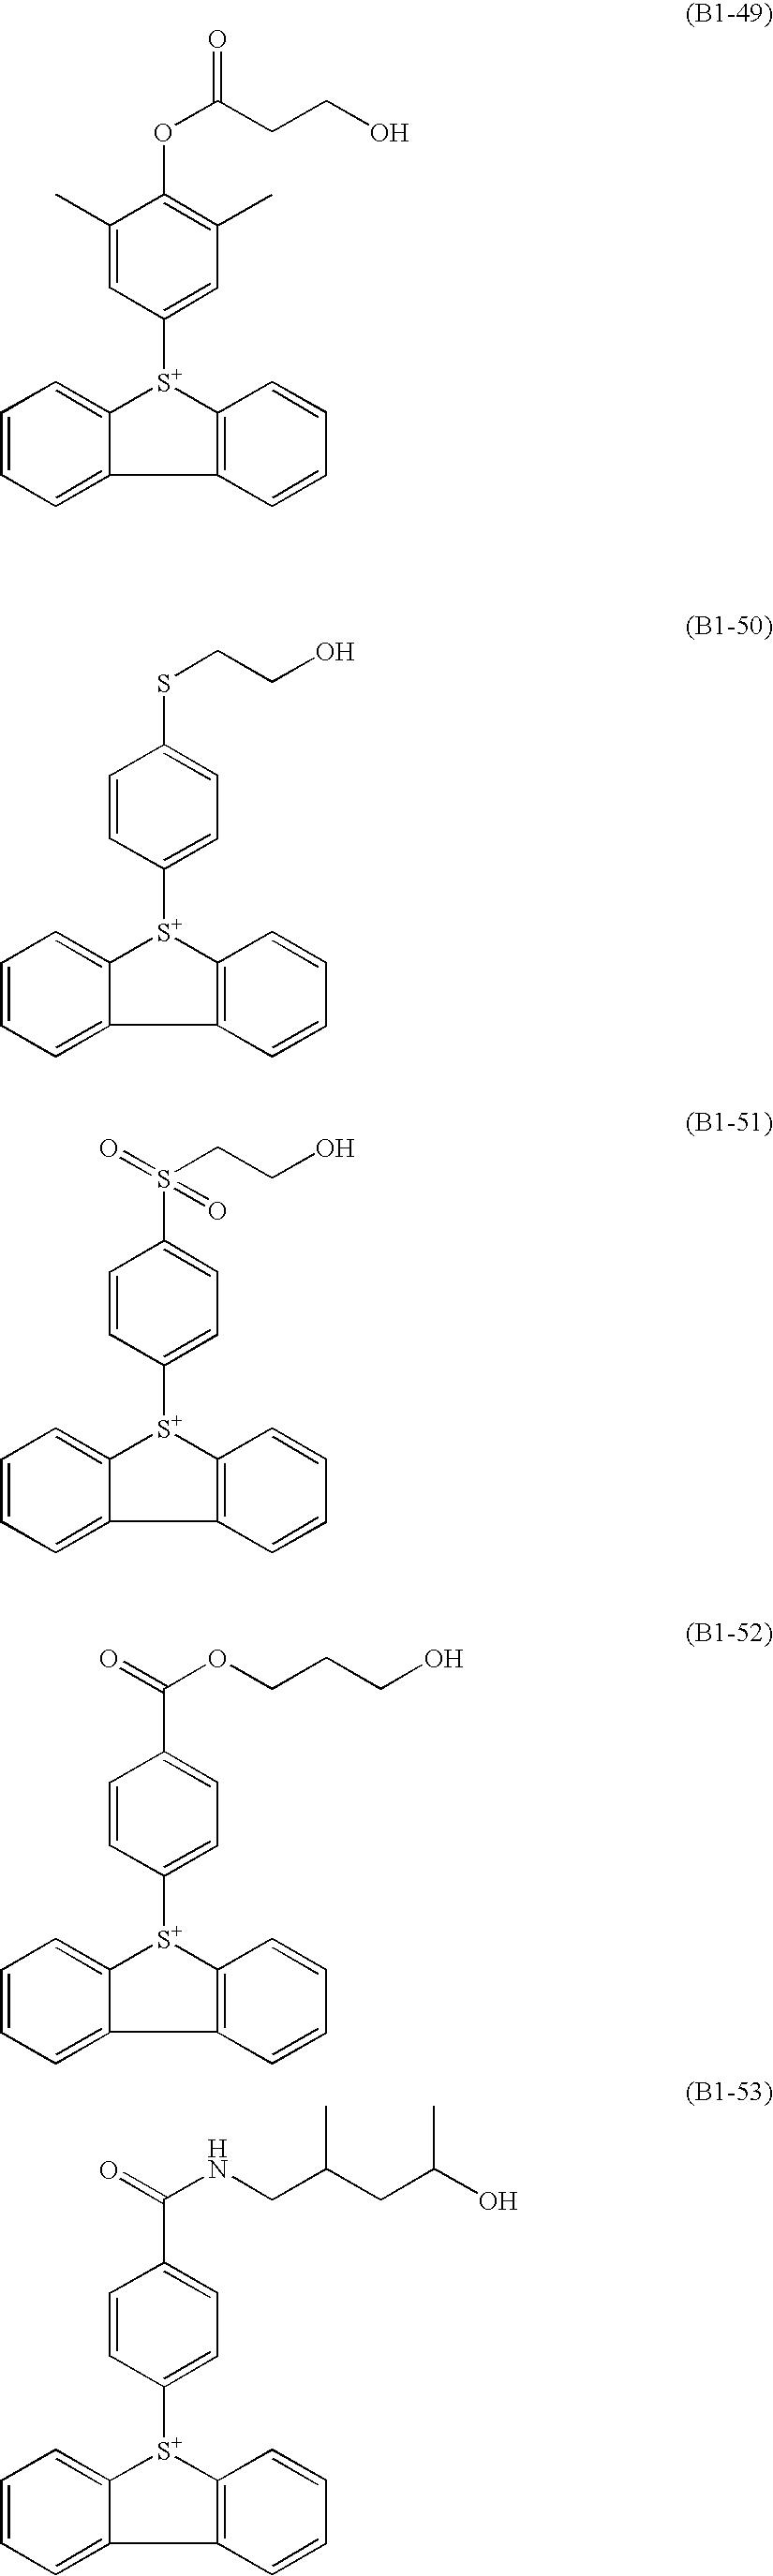 Figure US08852845-20141007-C00020